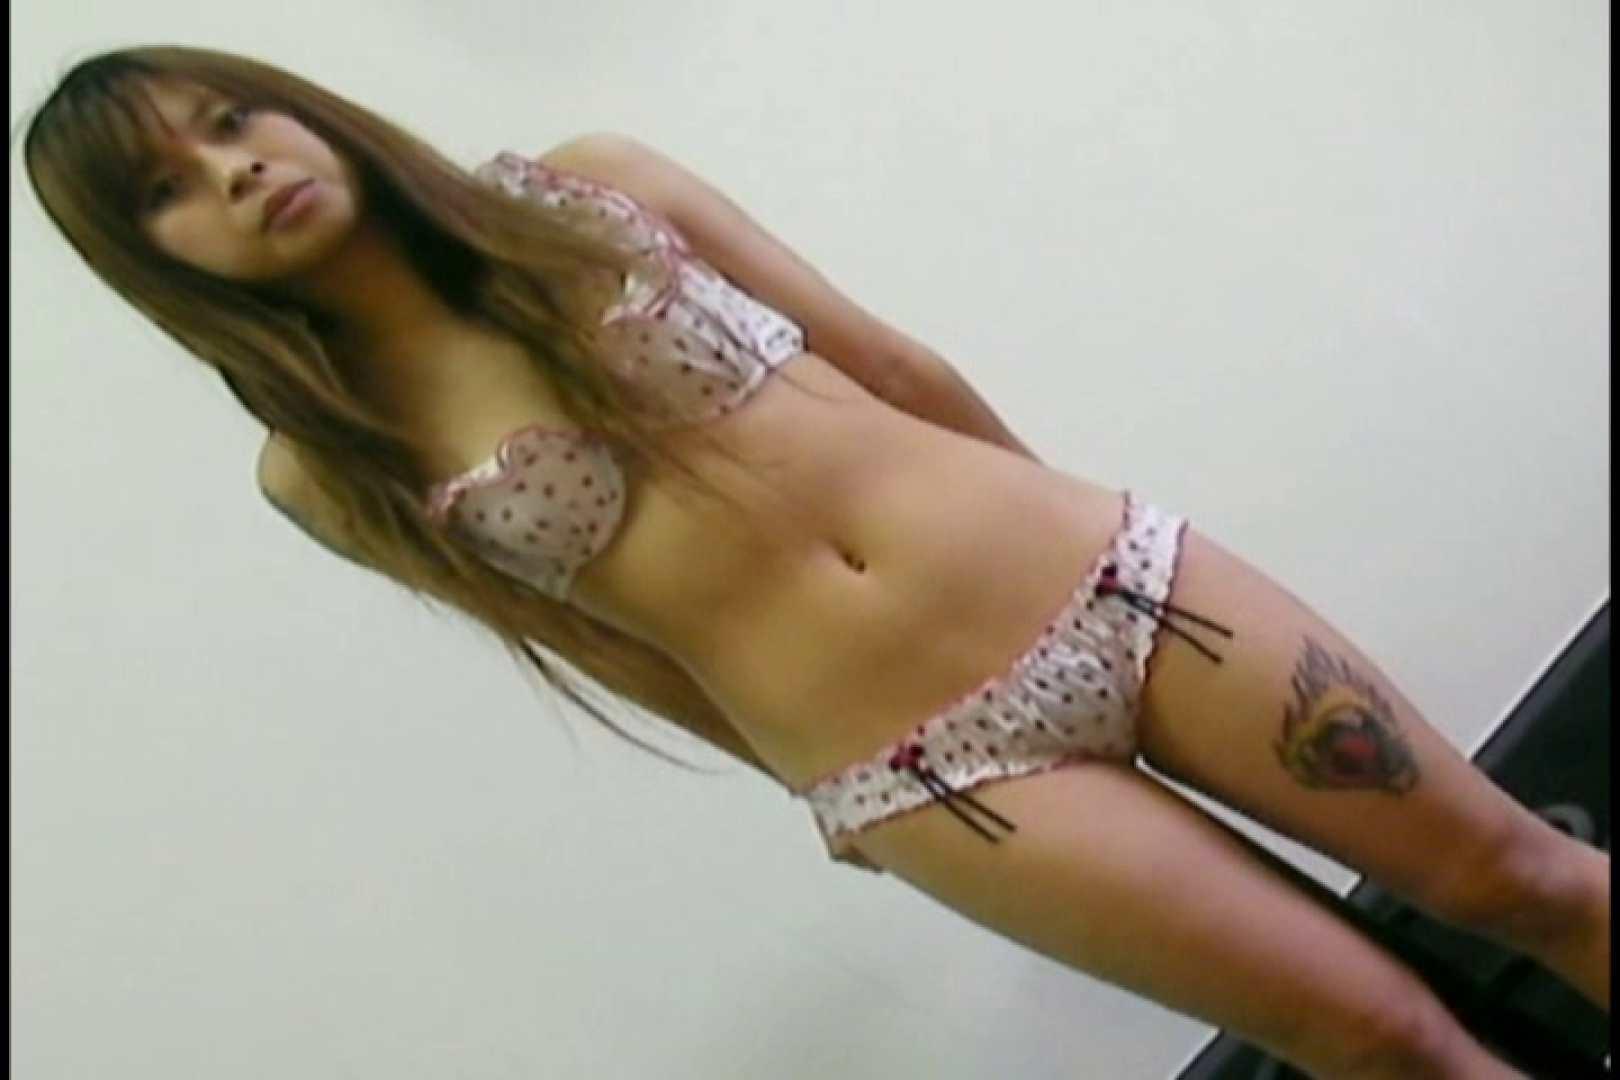 素人撮影 下着だけの撮影のはずが・・・ よしこ23歳 素人 AV無料動画キャプチャ 82pic 20